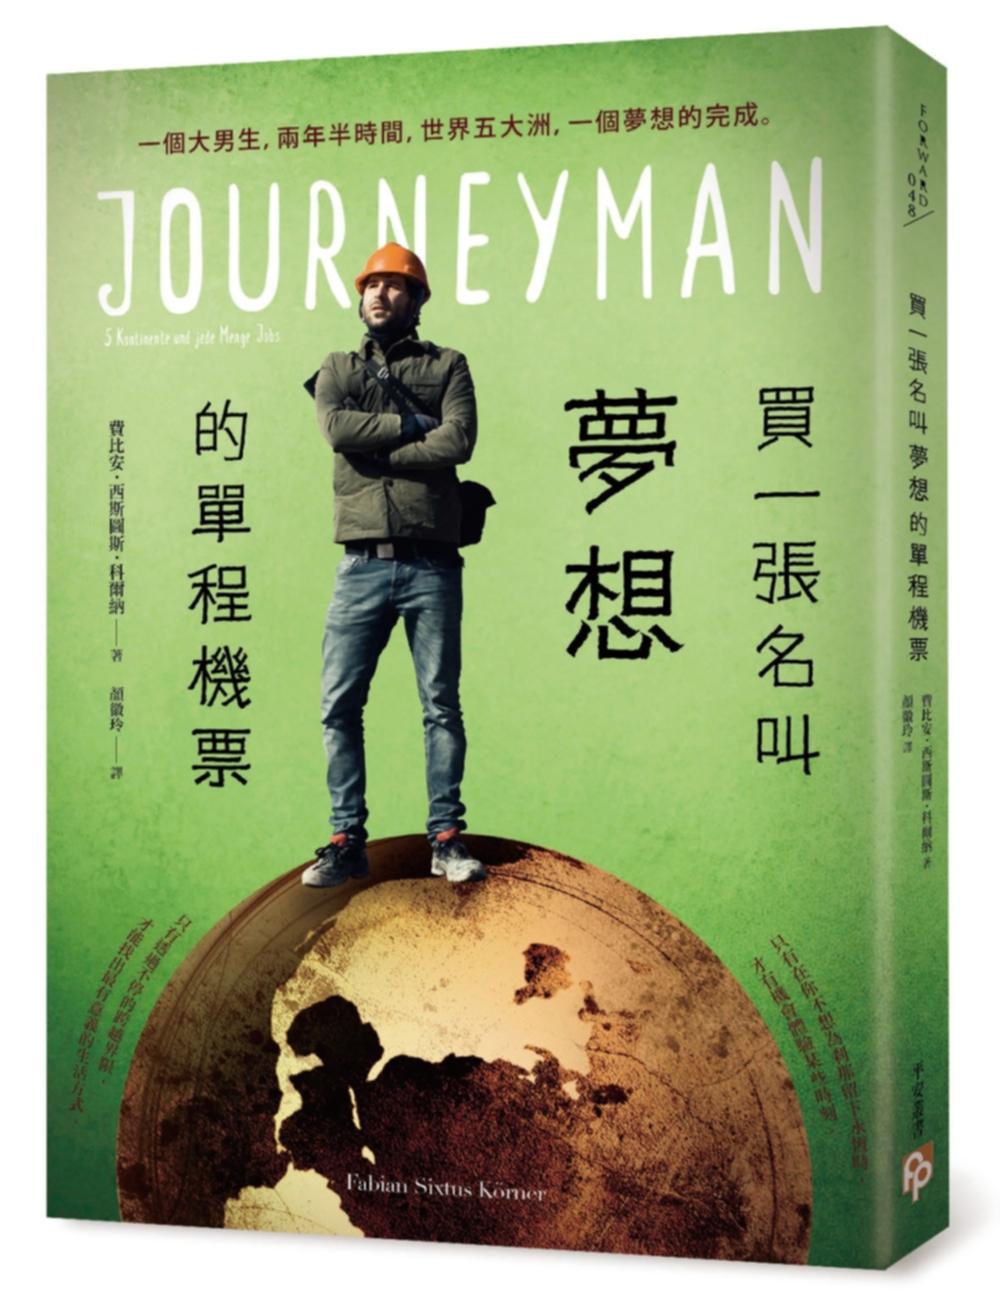 買一張名叫夢想的單程機票:一個大男生,兩年半時間,世界五大洲,一個夢想的完成。